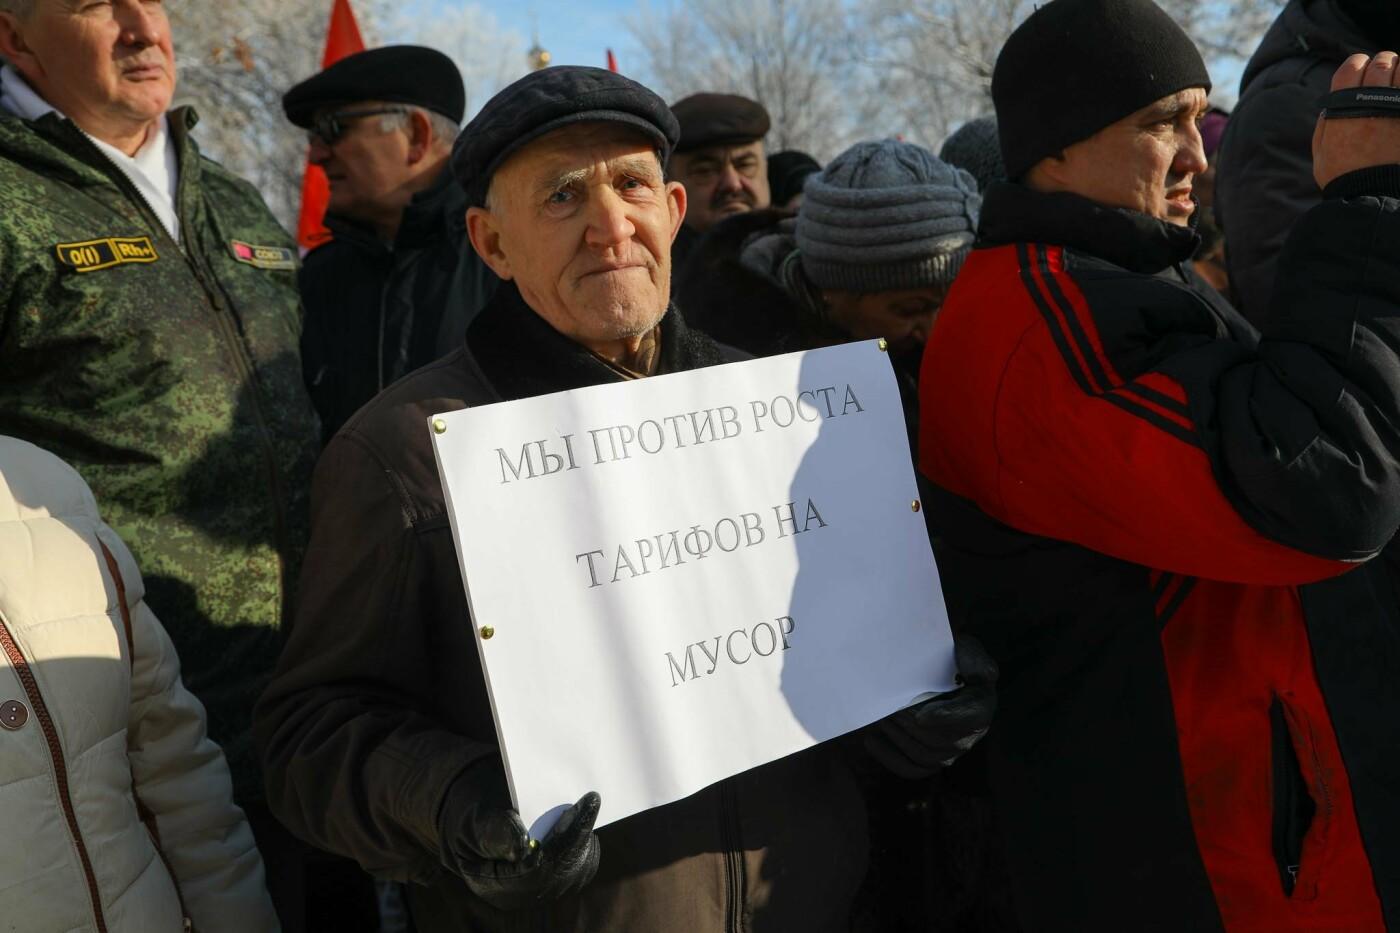 Белгородцы провели массовую акцию против новых правил благоустройства, фото-1, Фото Антона Вергуна